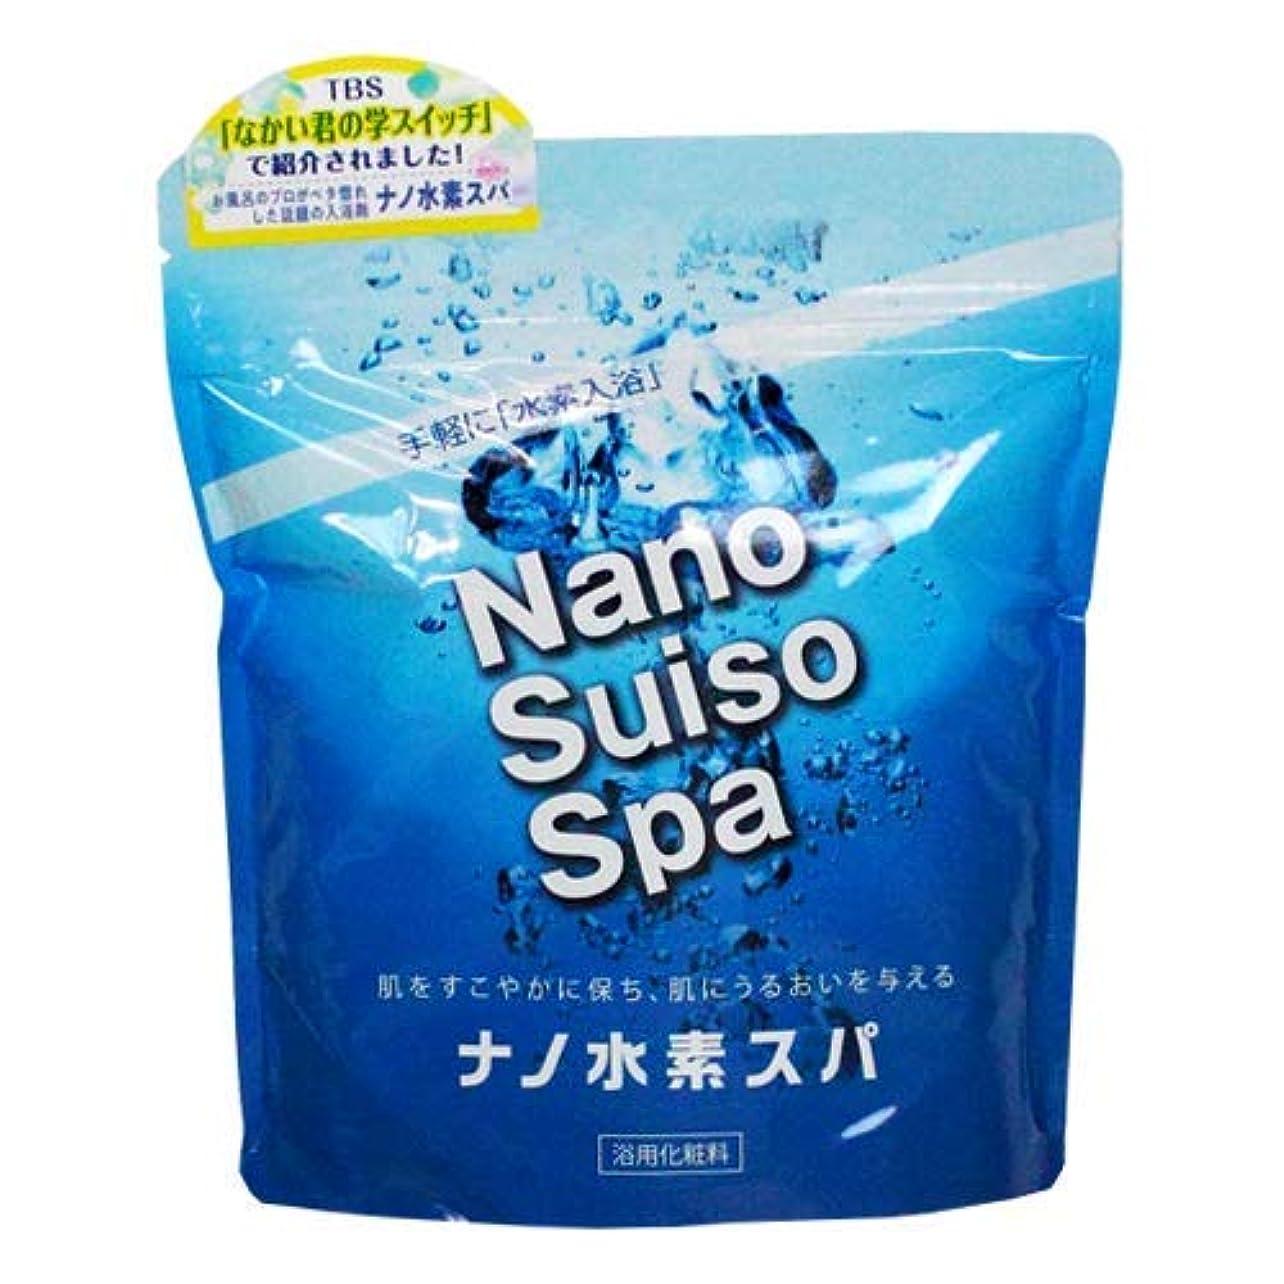 羊のゴム愛するナノ水素スパ1000g 高濃度水素発生入浴用